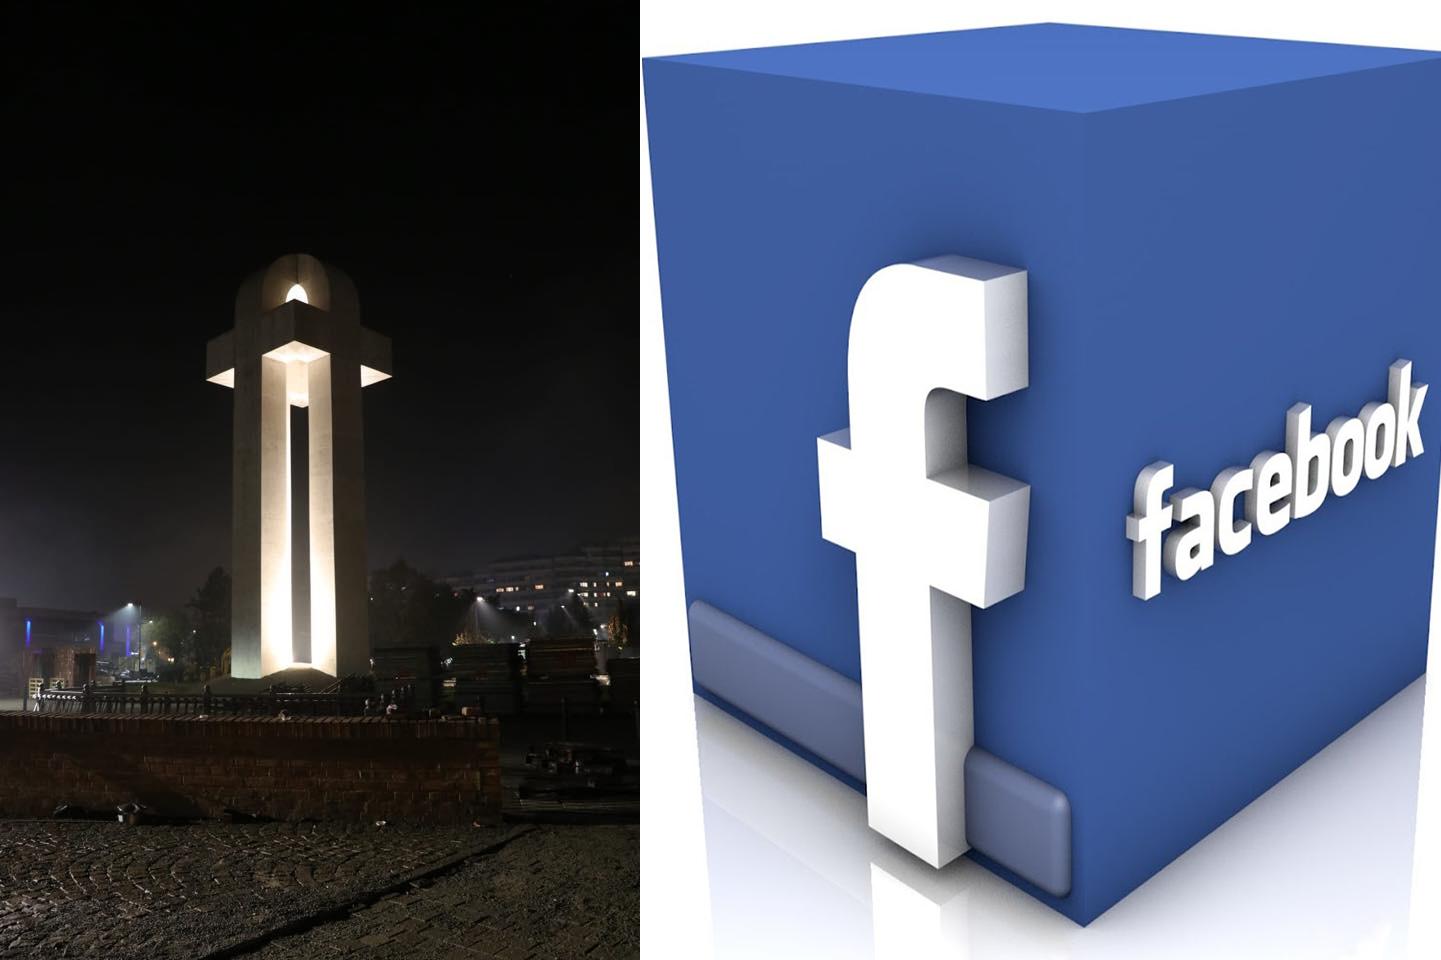 Góc trùng hợp: Đài kỷ niệm 58 tỷ ở Romania tình cờ có thiết kế y hệt logo Facebook? - Ảnh 2.